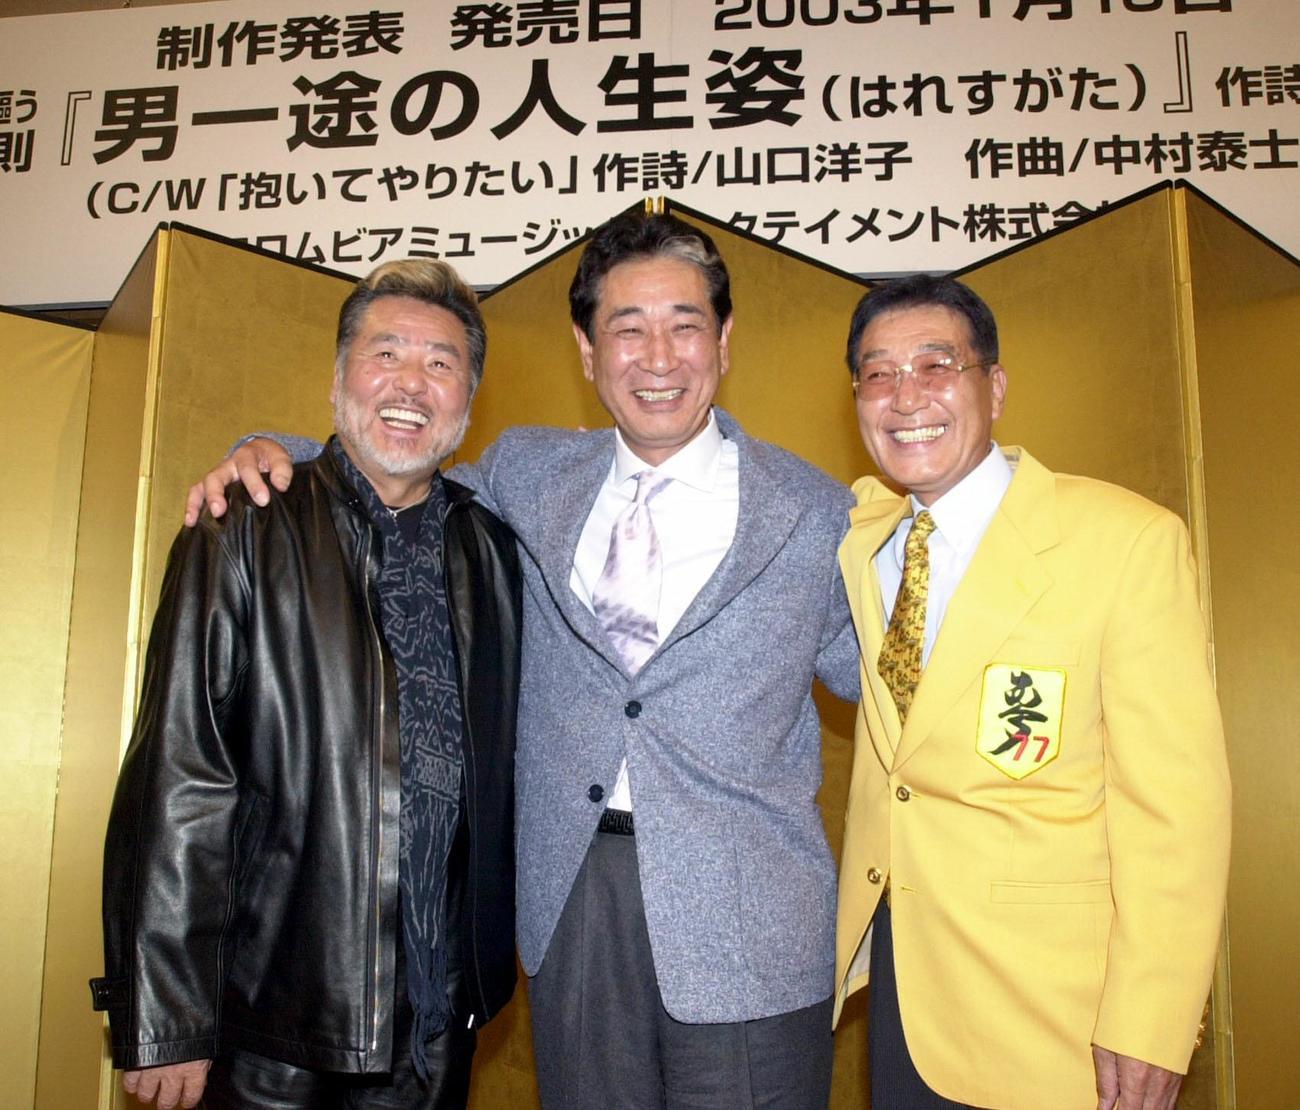 応援歌「男一途の人生姿(はれすがた)」の制作発表に出席した、(左から)作詞・作曲の中村泰士さん、星野仙一さん、同曲を歌う唐渡吉則(2002年撮影)